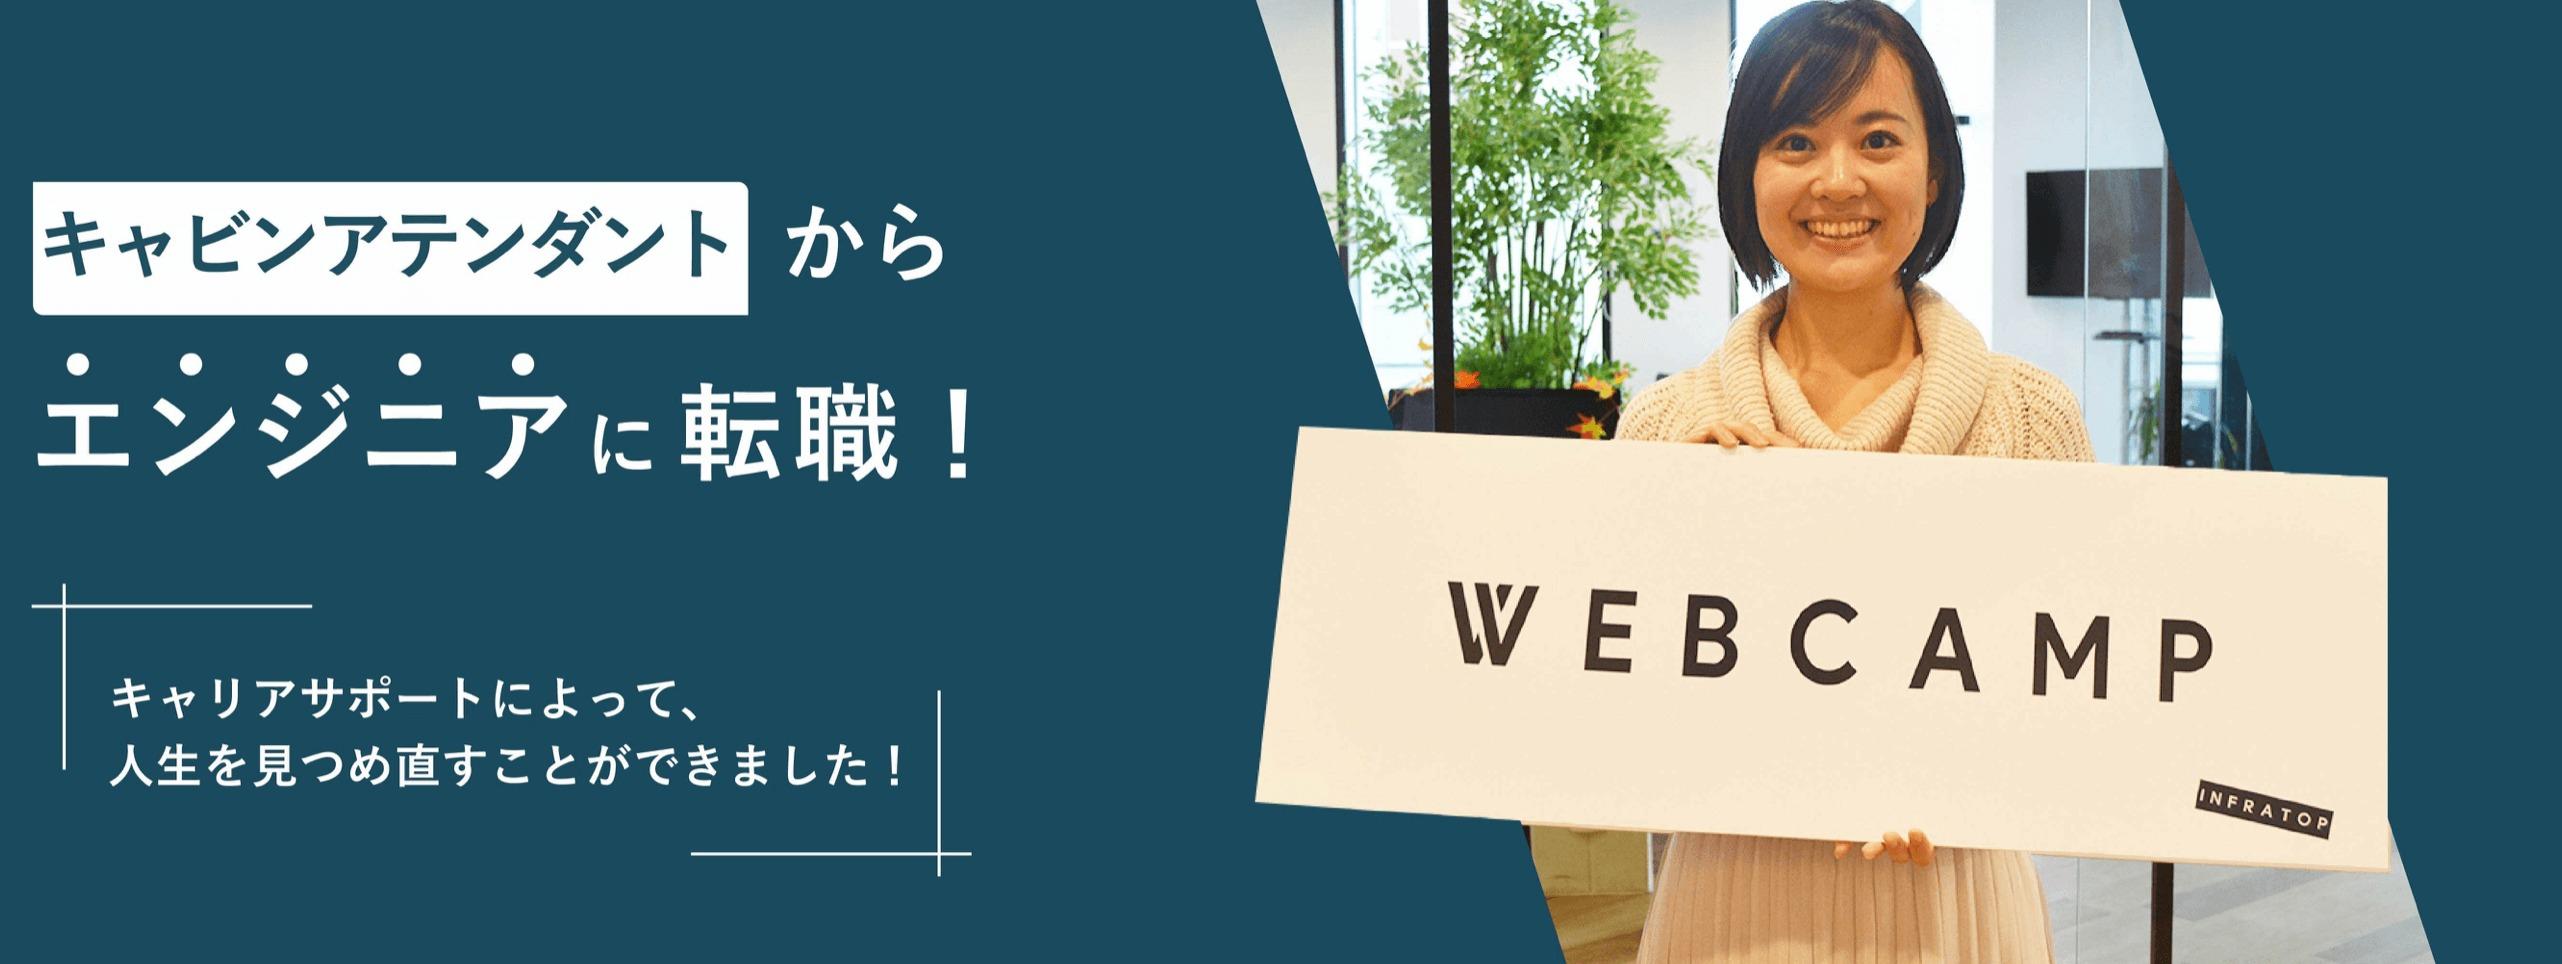 東京のプログラミングスクール5選